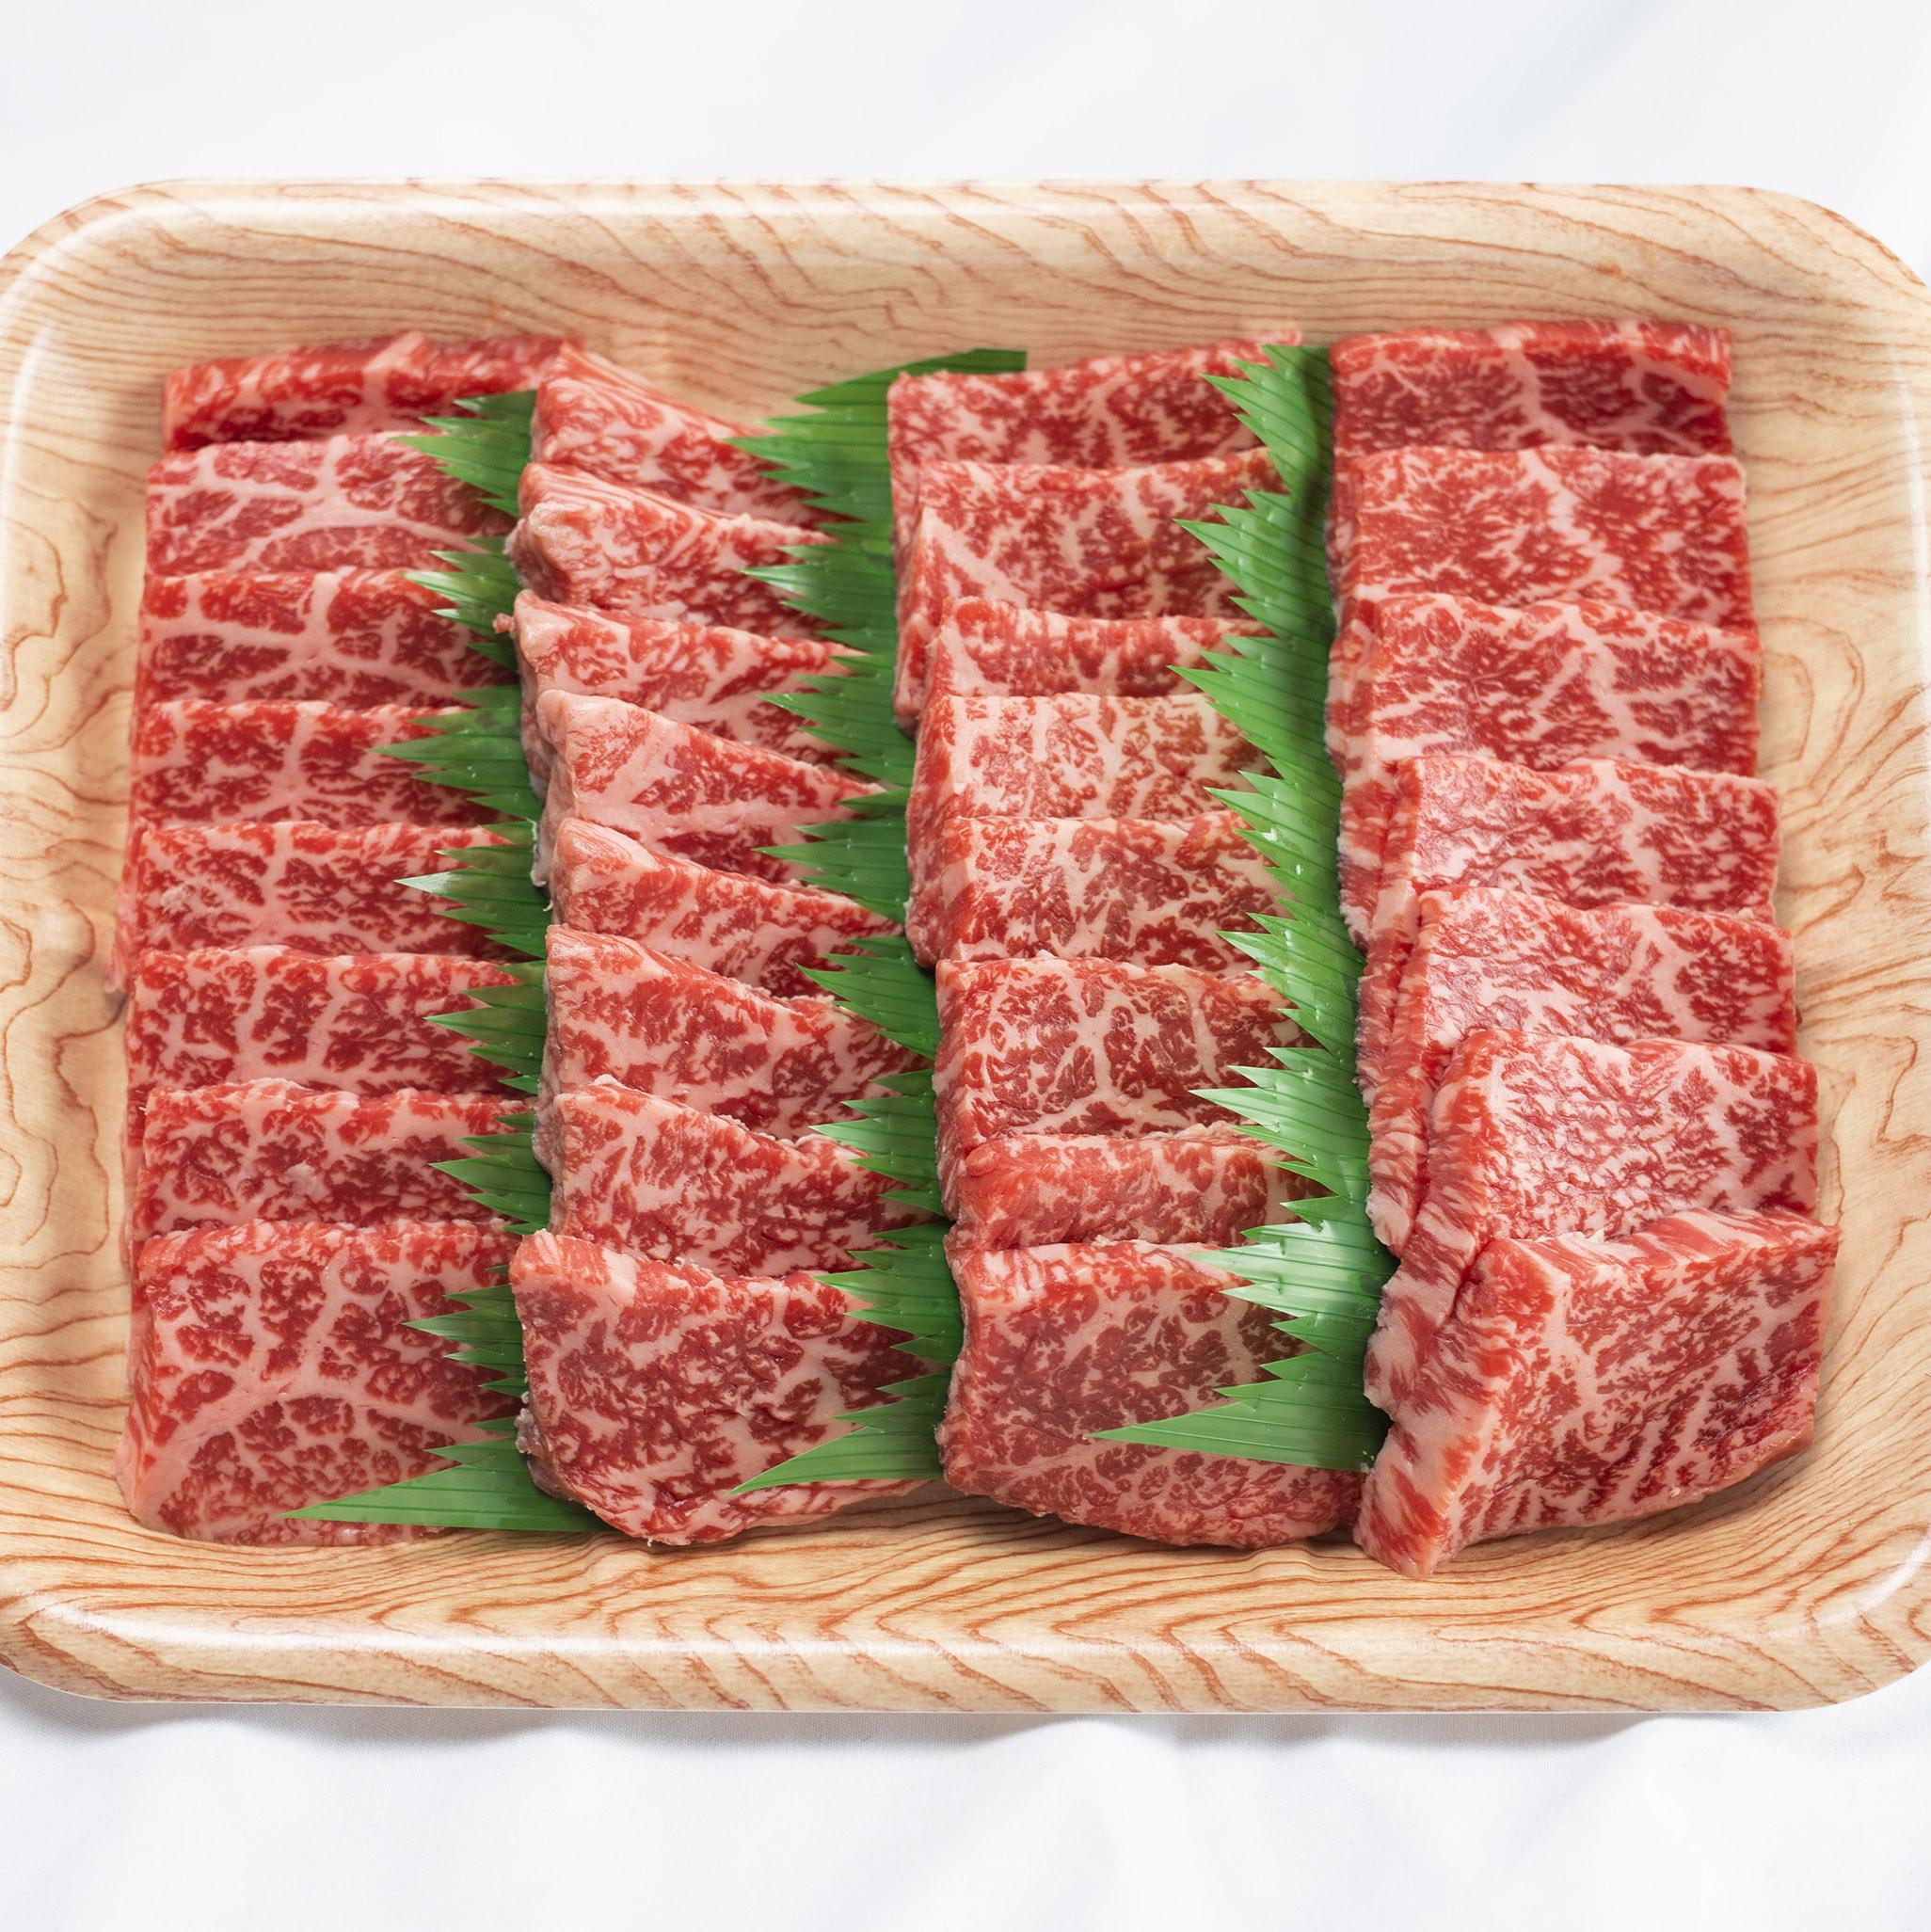 飛騨地域で育ったブランド牛「飛騨牛」最上級品5等級の赤身焼肉(2~3人前)